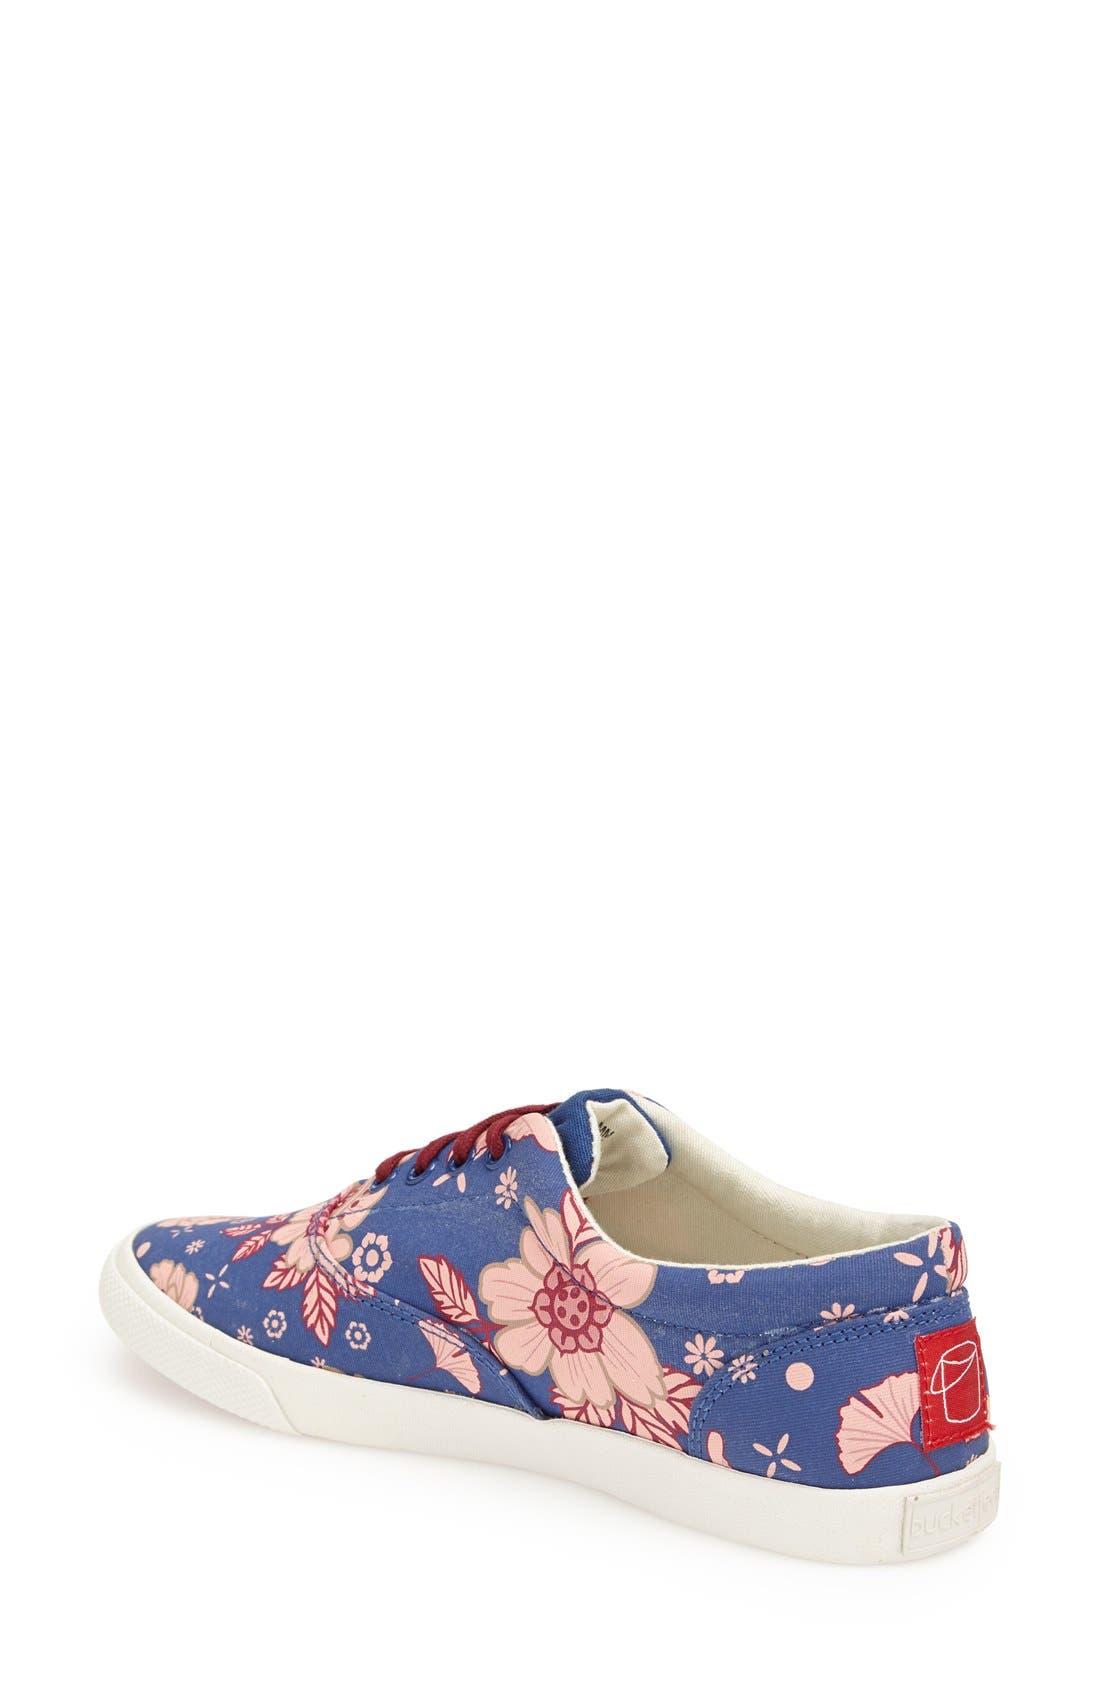 Alternate Image 2  - BucketFeet 'Blue East' Print Sneaker (Women)